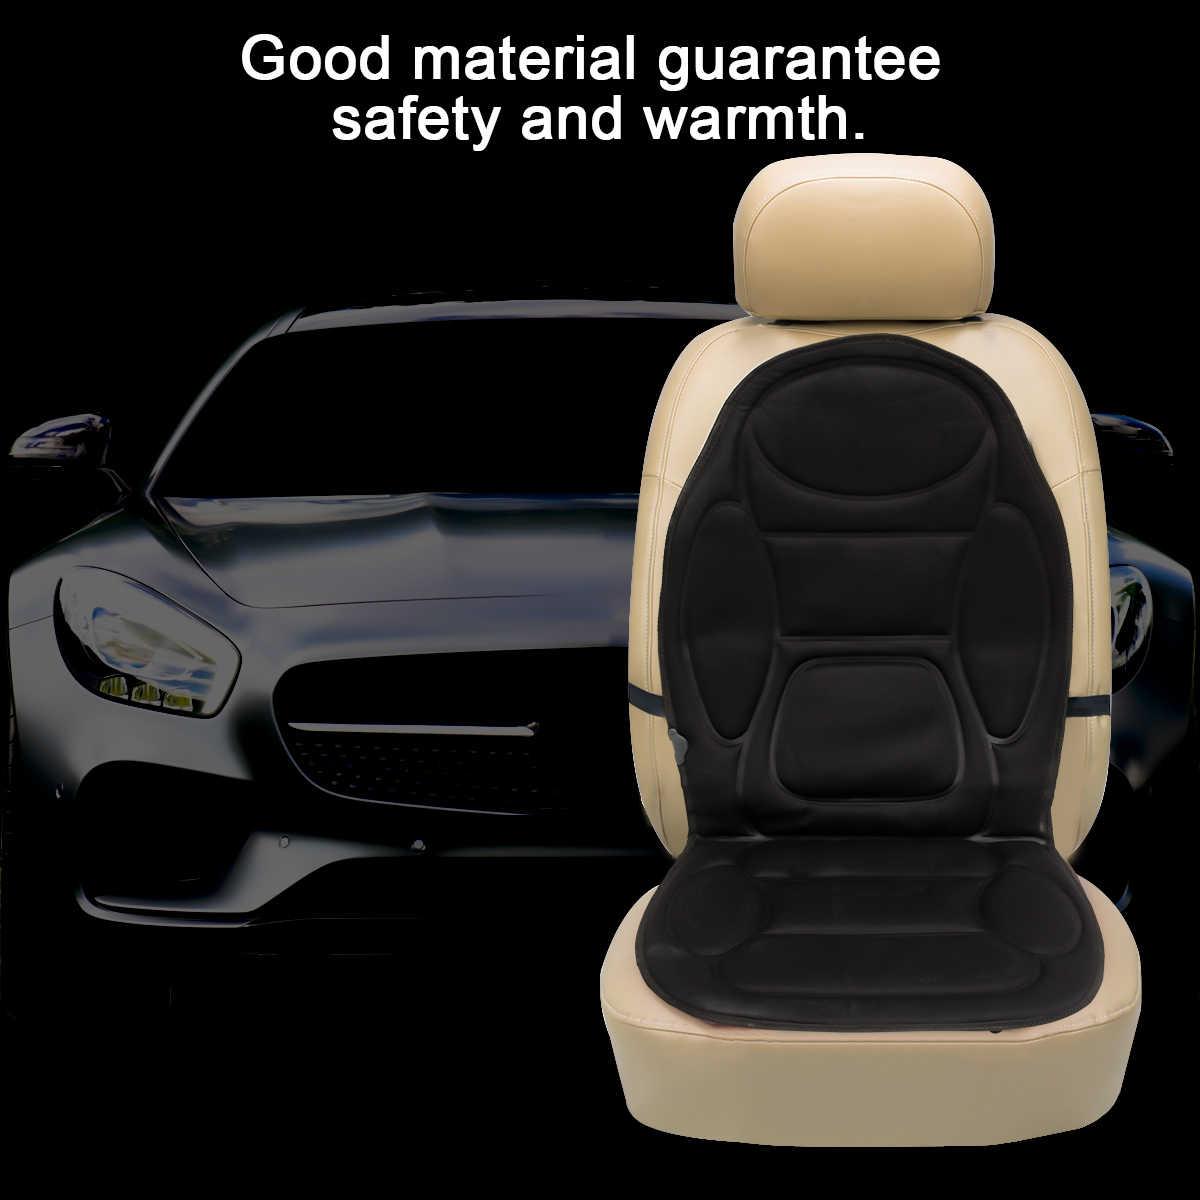 12V Mobil Listrik Kursi Bantal Cover Kursi Pemanas Hangat Musim Dingin Rumah Tangga Pemanas Bantal Kursi